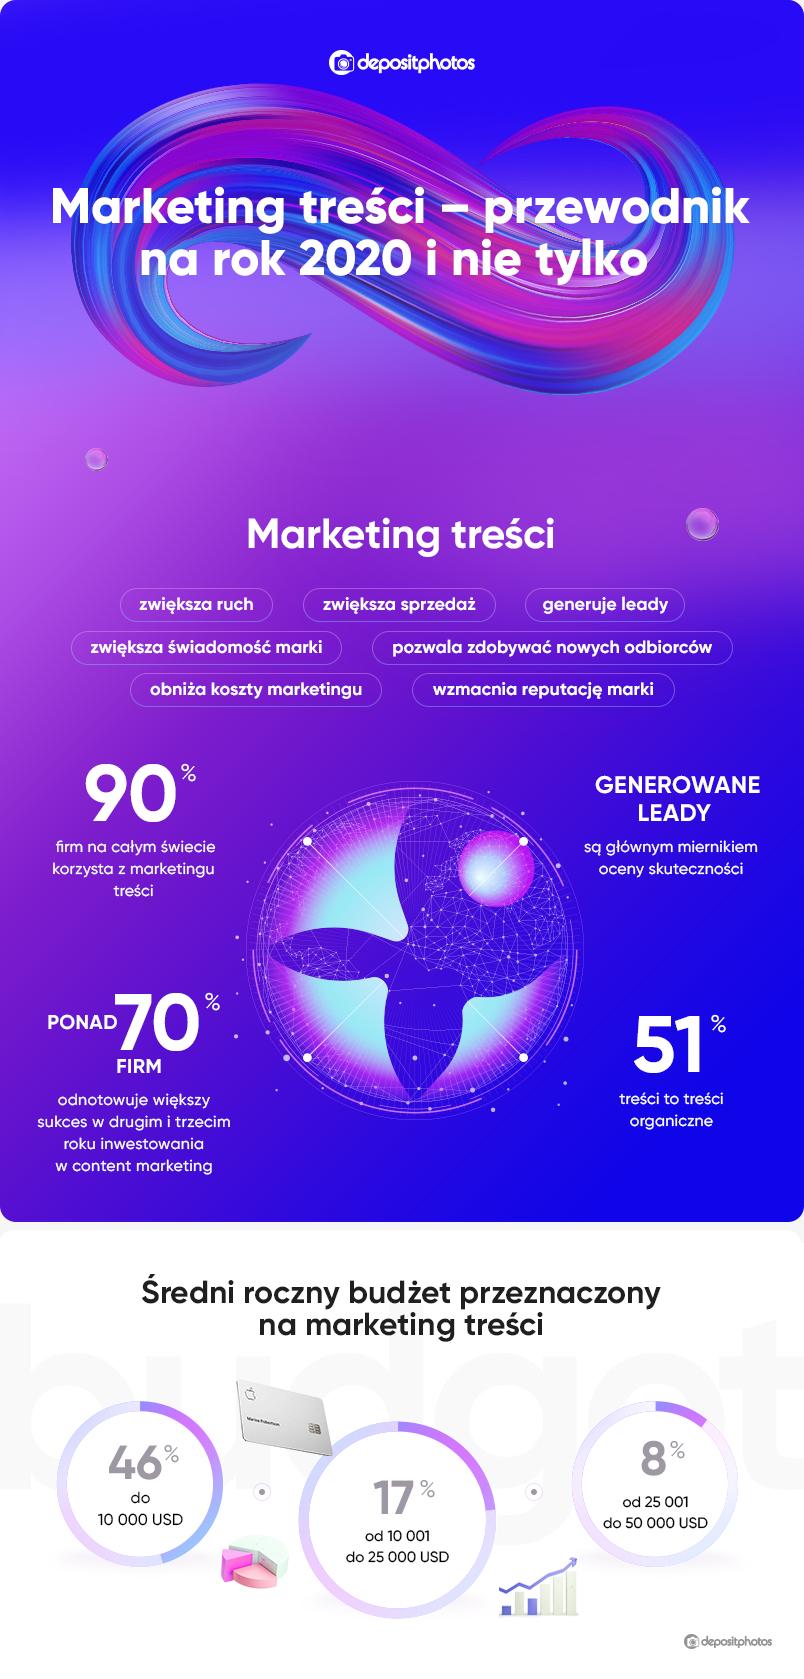 Marketing treści – przewodnik na rok 2020 i nie tylko